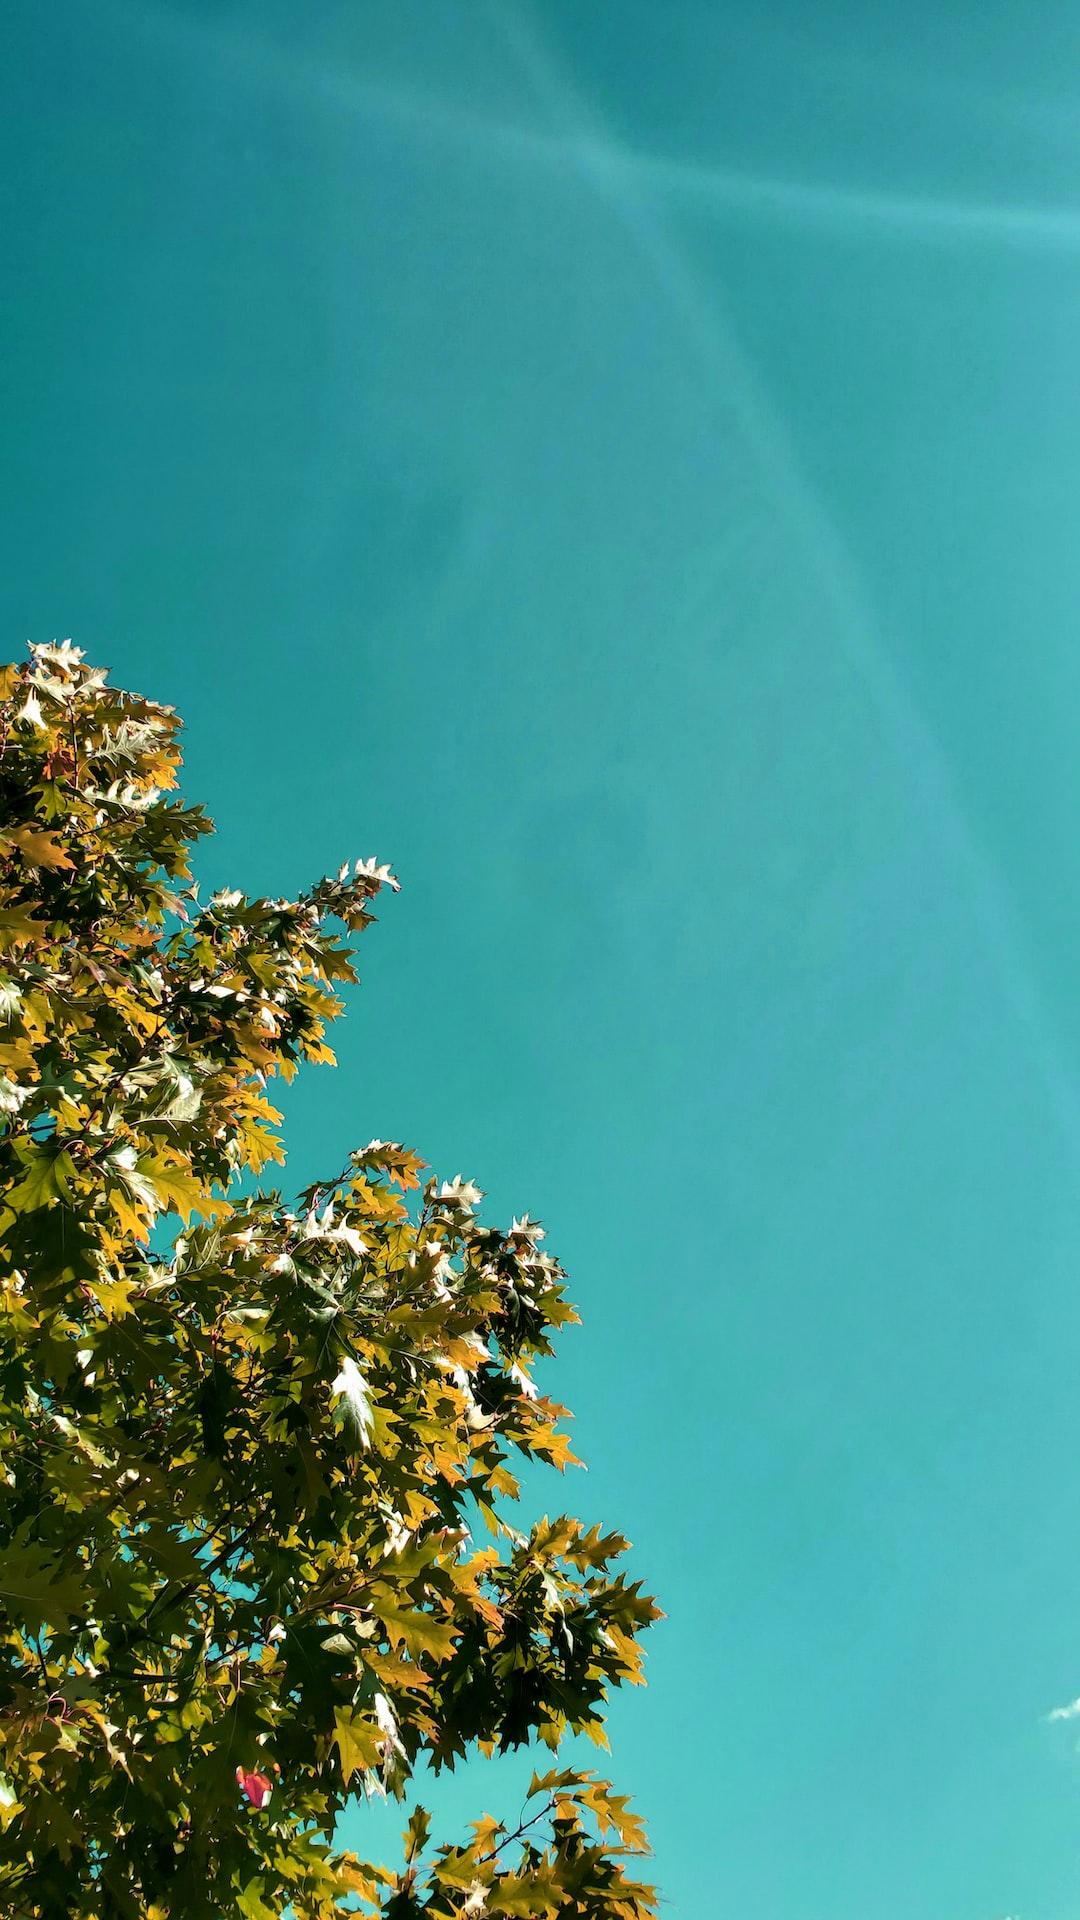 Bottom-up shot of a beautiful tree.